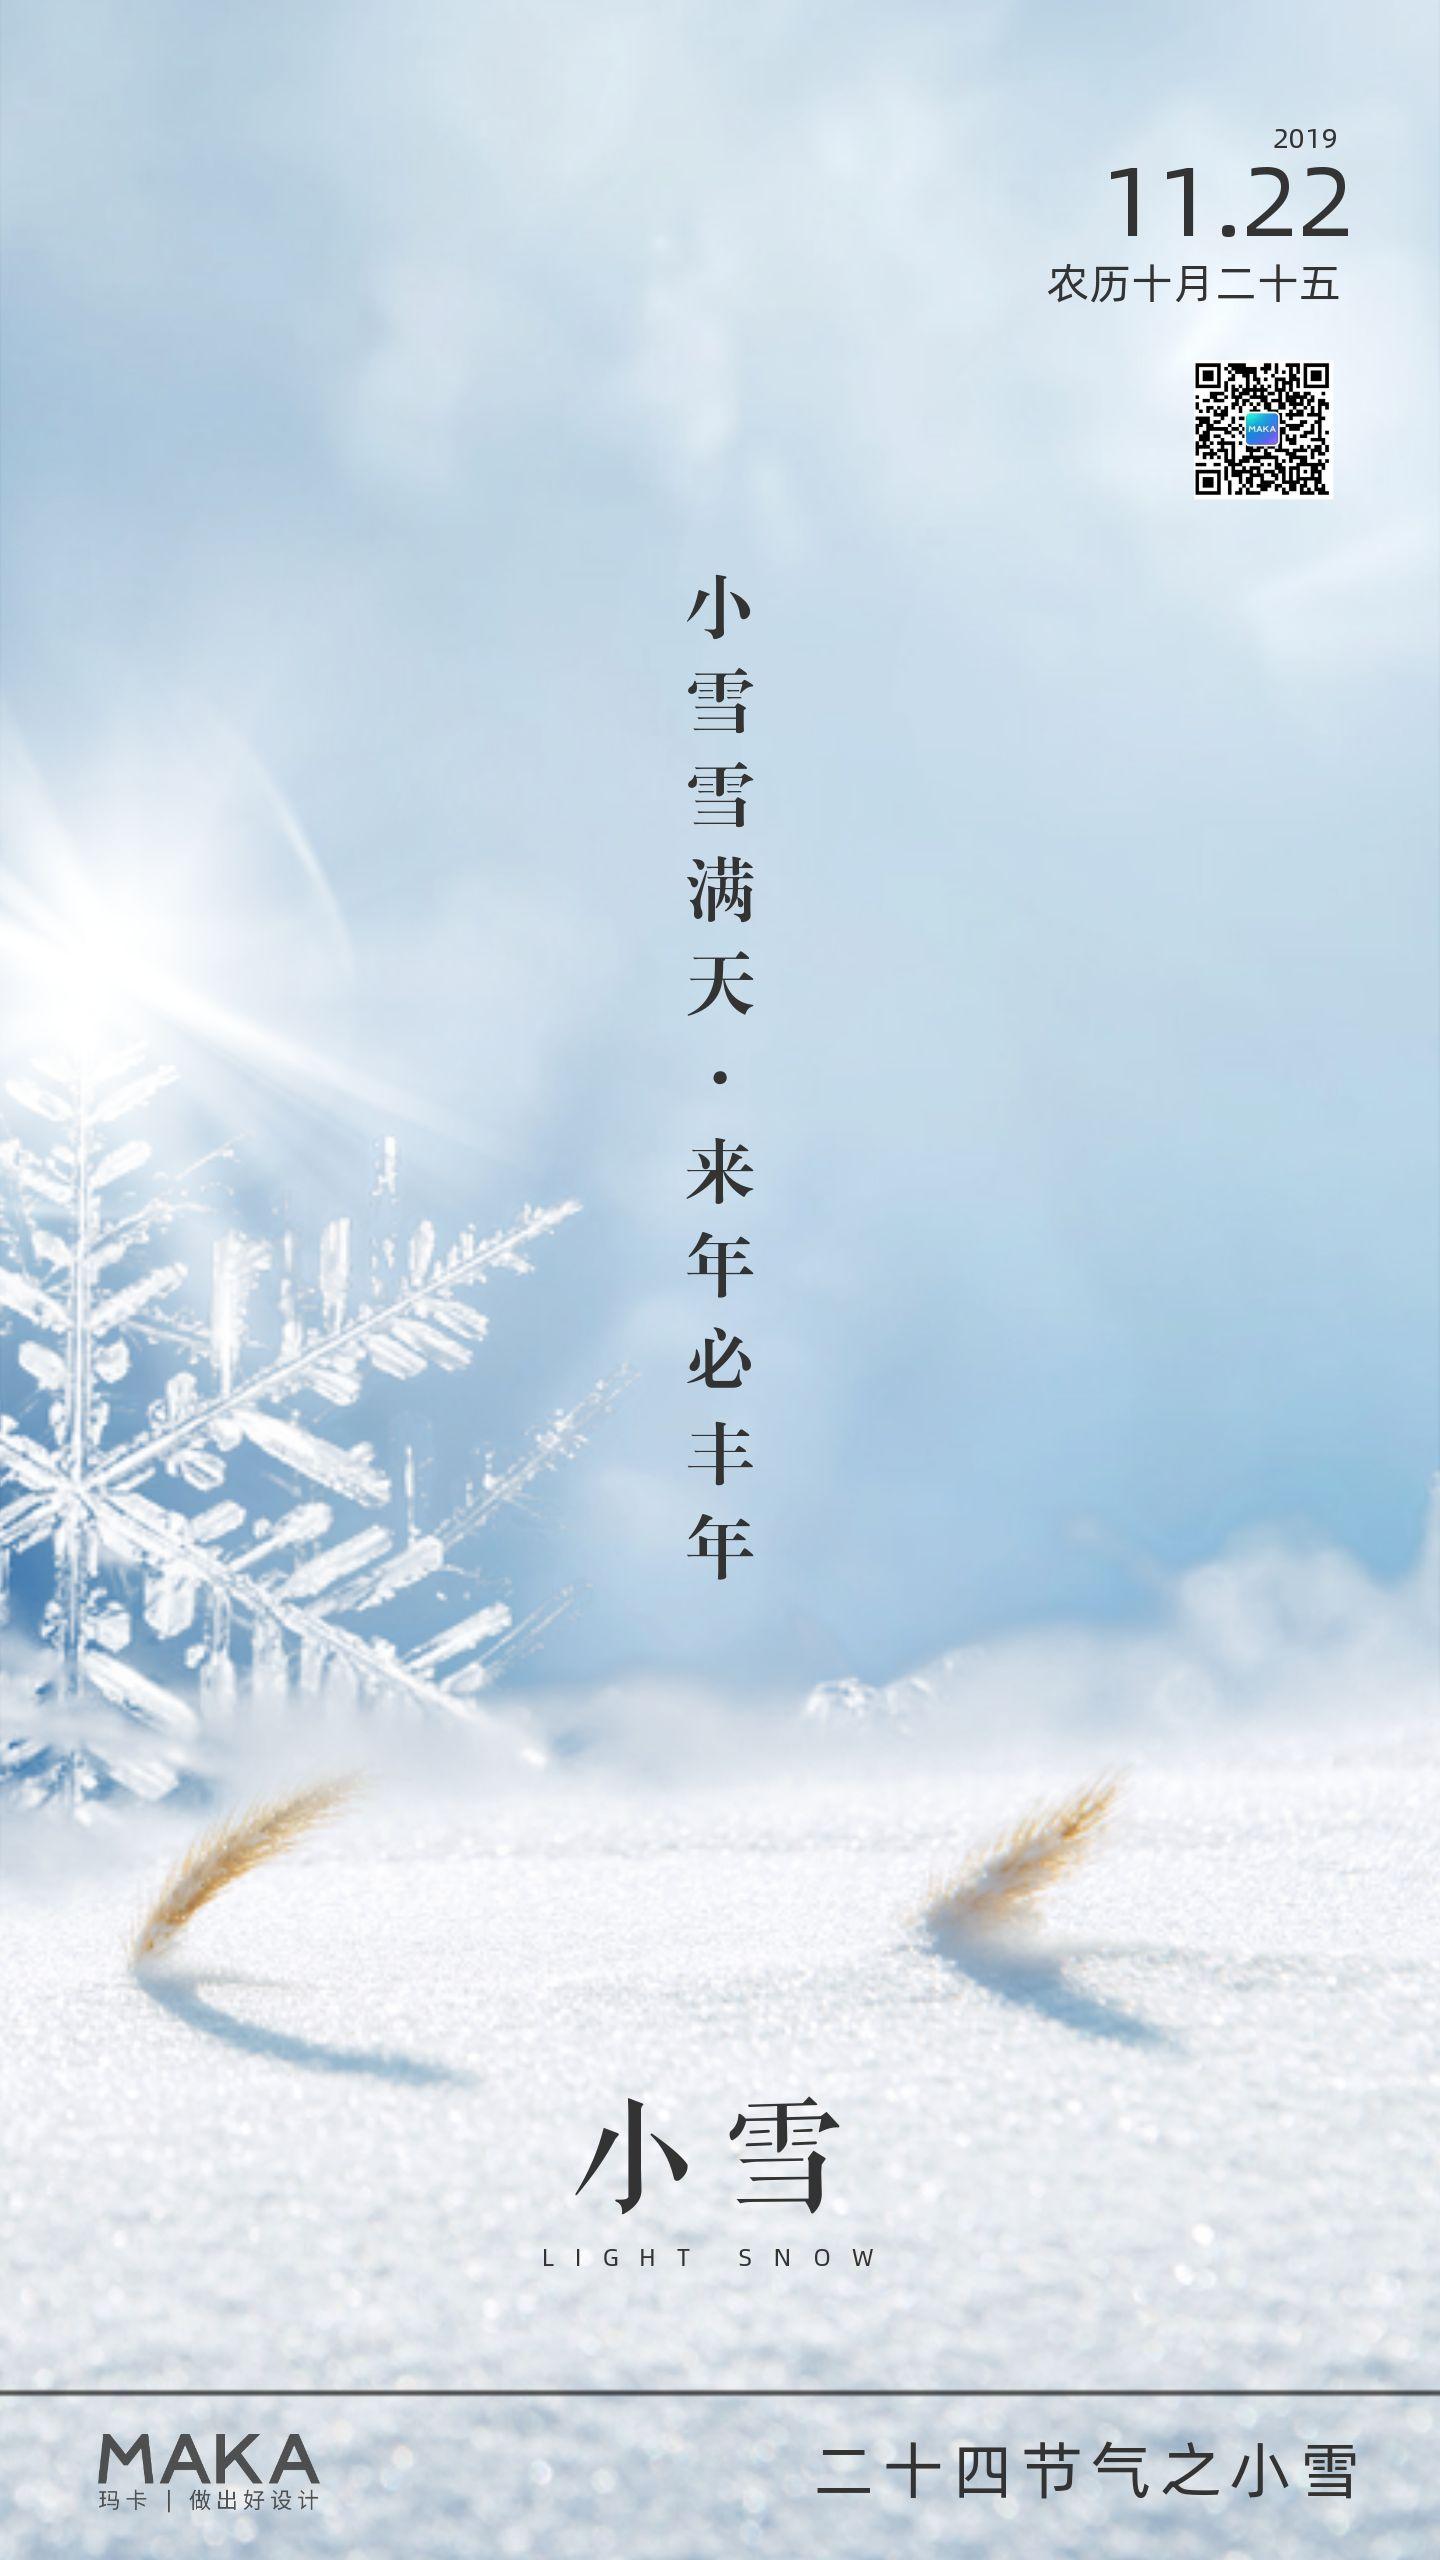 简约蓝色雪花小雪节气冬天里的太阳节气日签早安二十四节气宣传海报